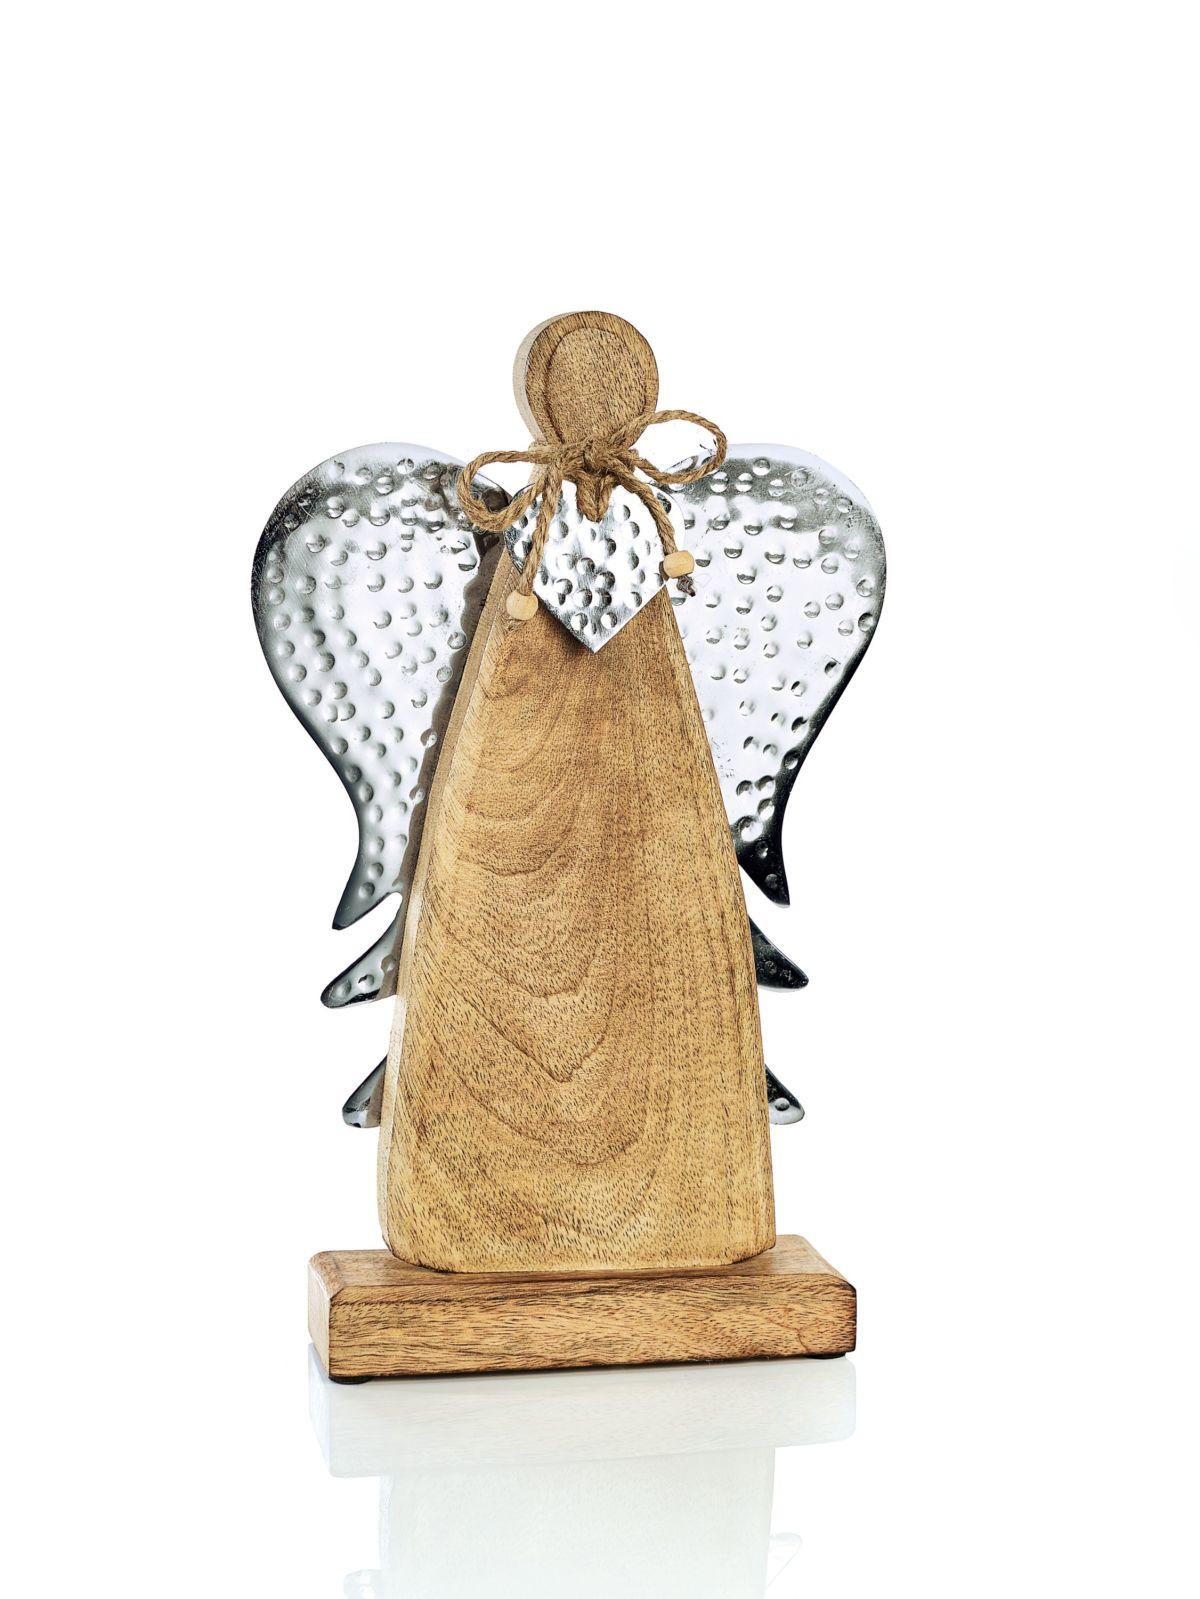 Wunderbar Einfallsreiche Geschenke Dekoration Von Dekofigur